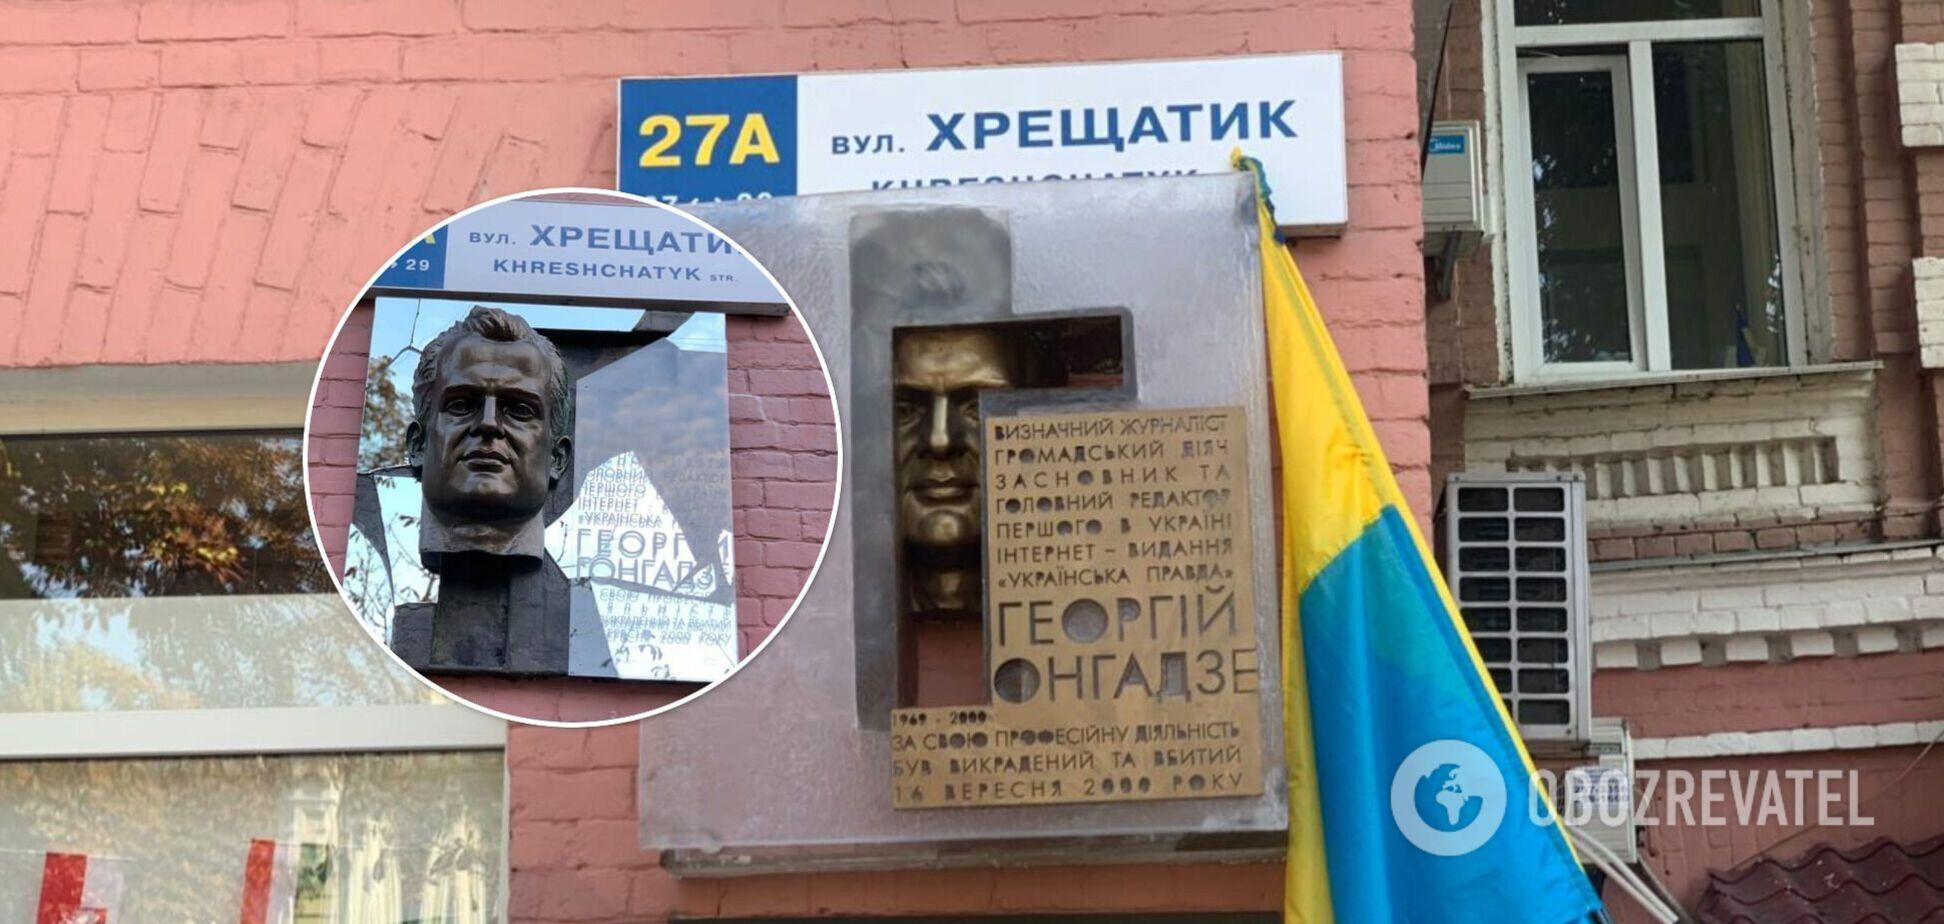 Скульптор об обновлении доски Гонгадзе в Киеве: это дело для Украины, как разбитое зеркало